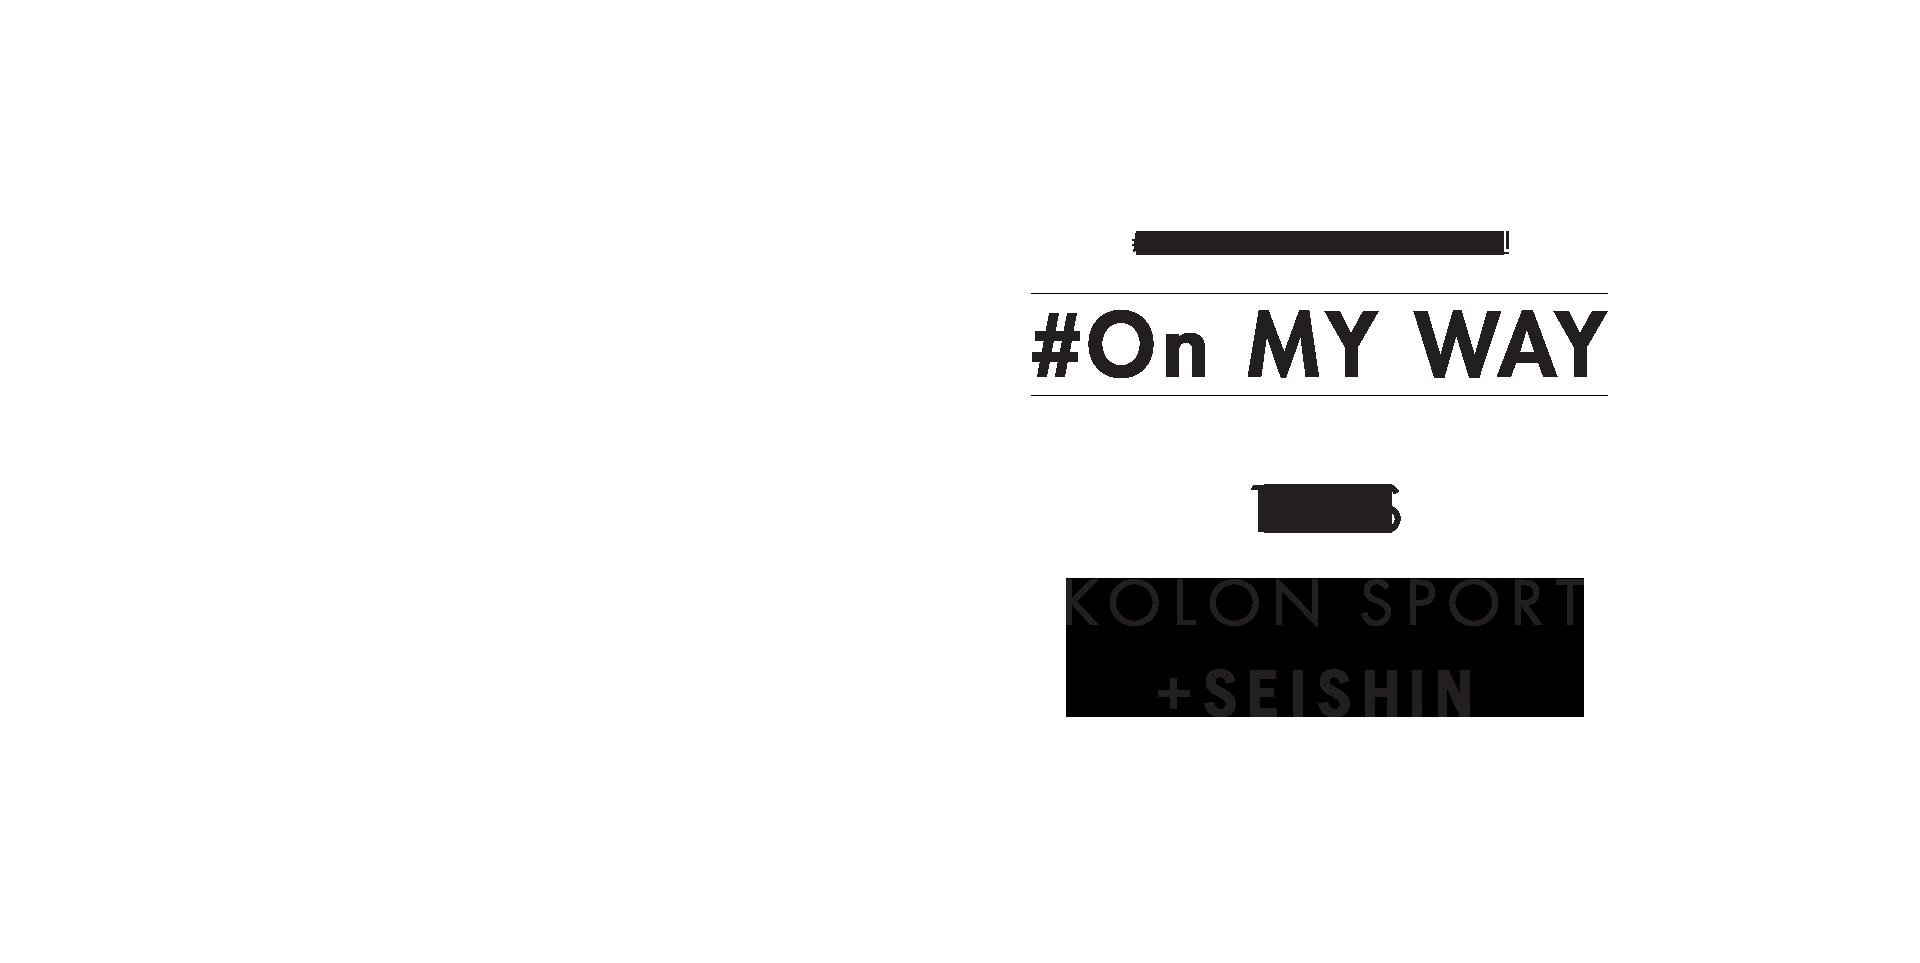 #코오롱스포츠 #18SS #세이신 #On MY WAY